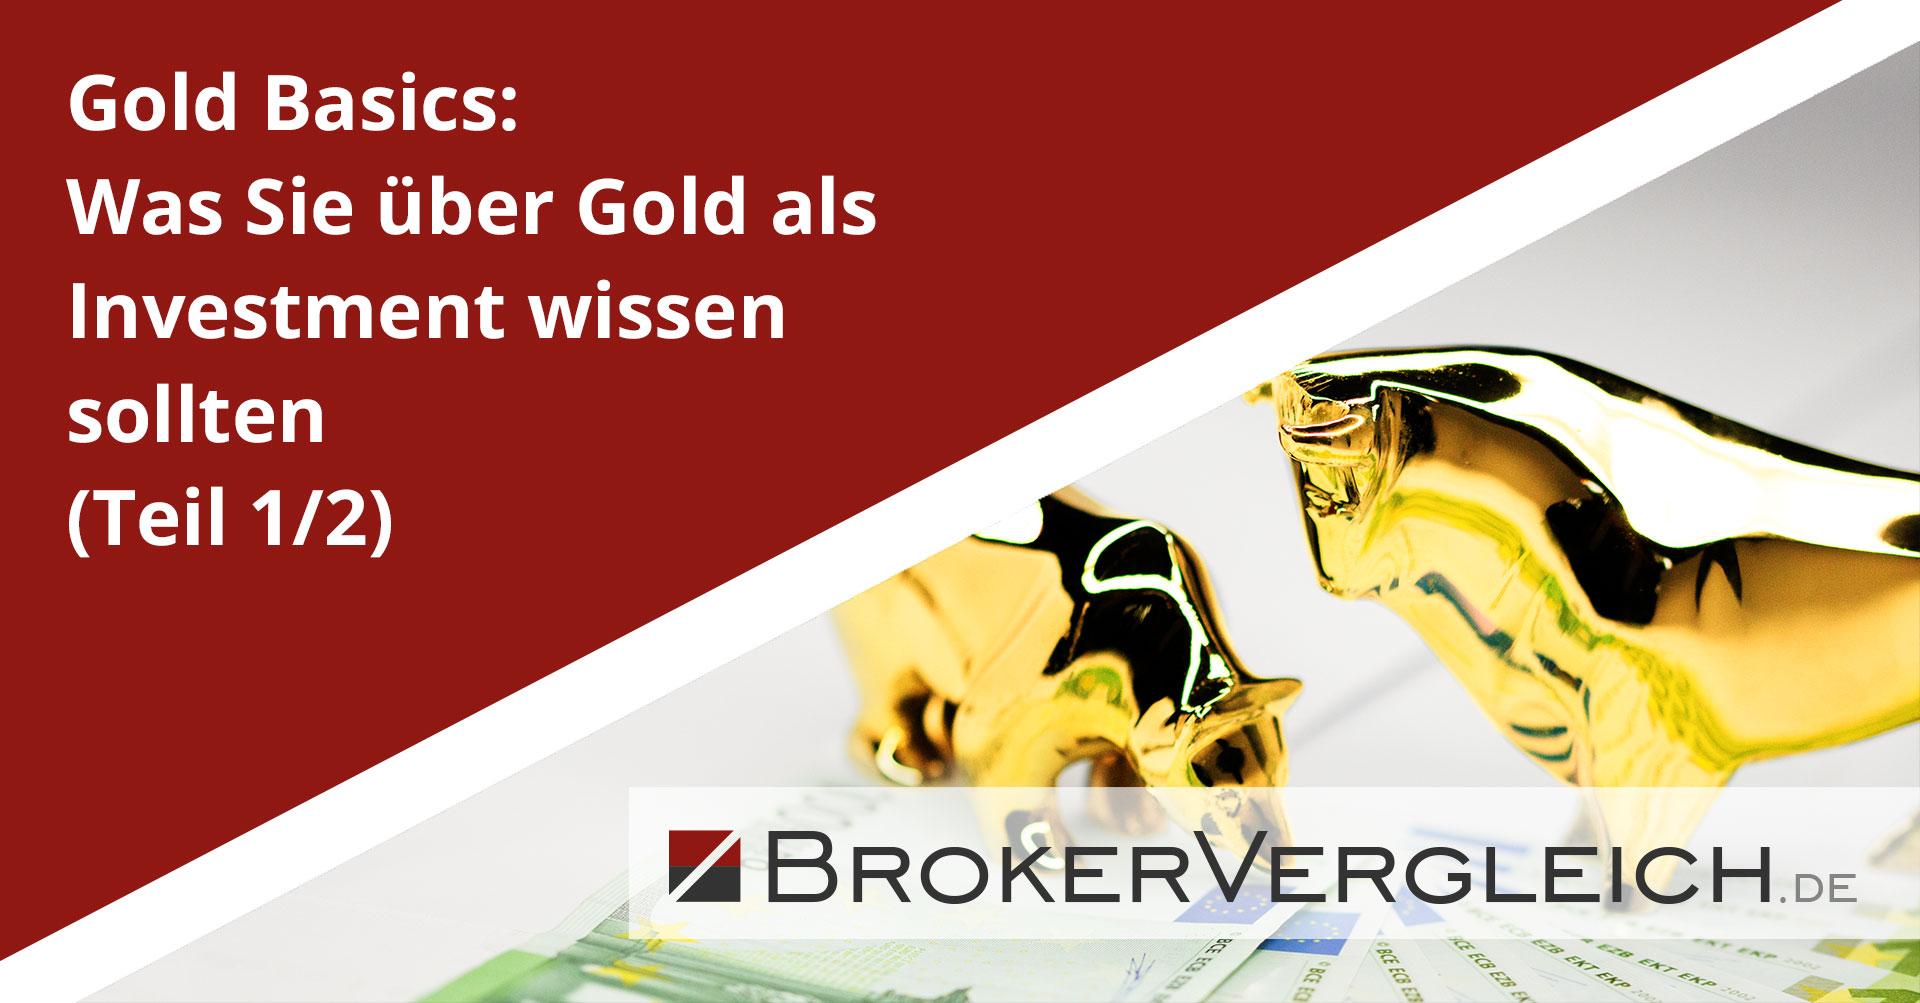 Online broker etf sparplan